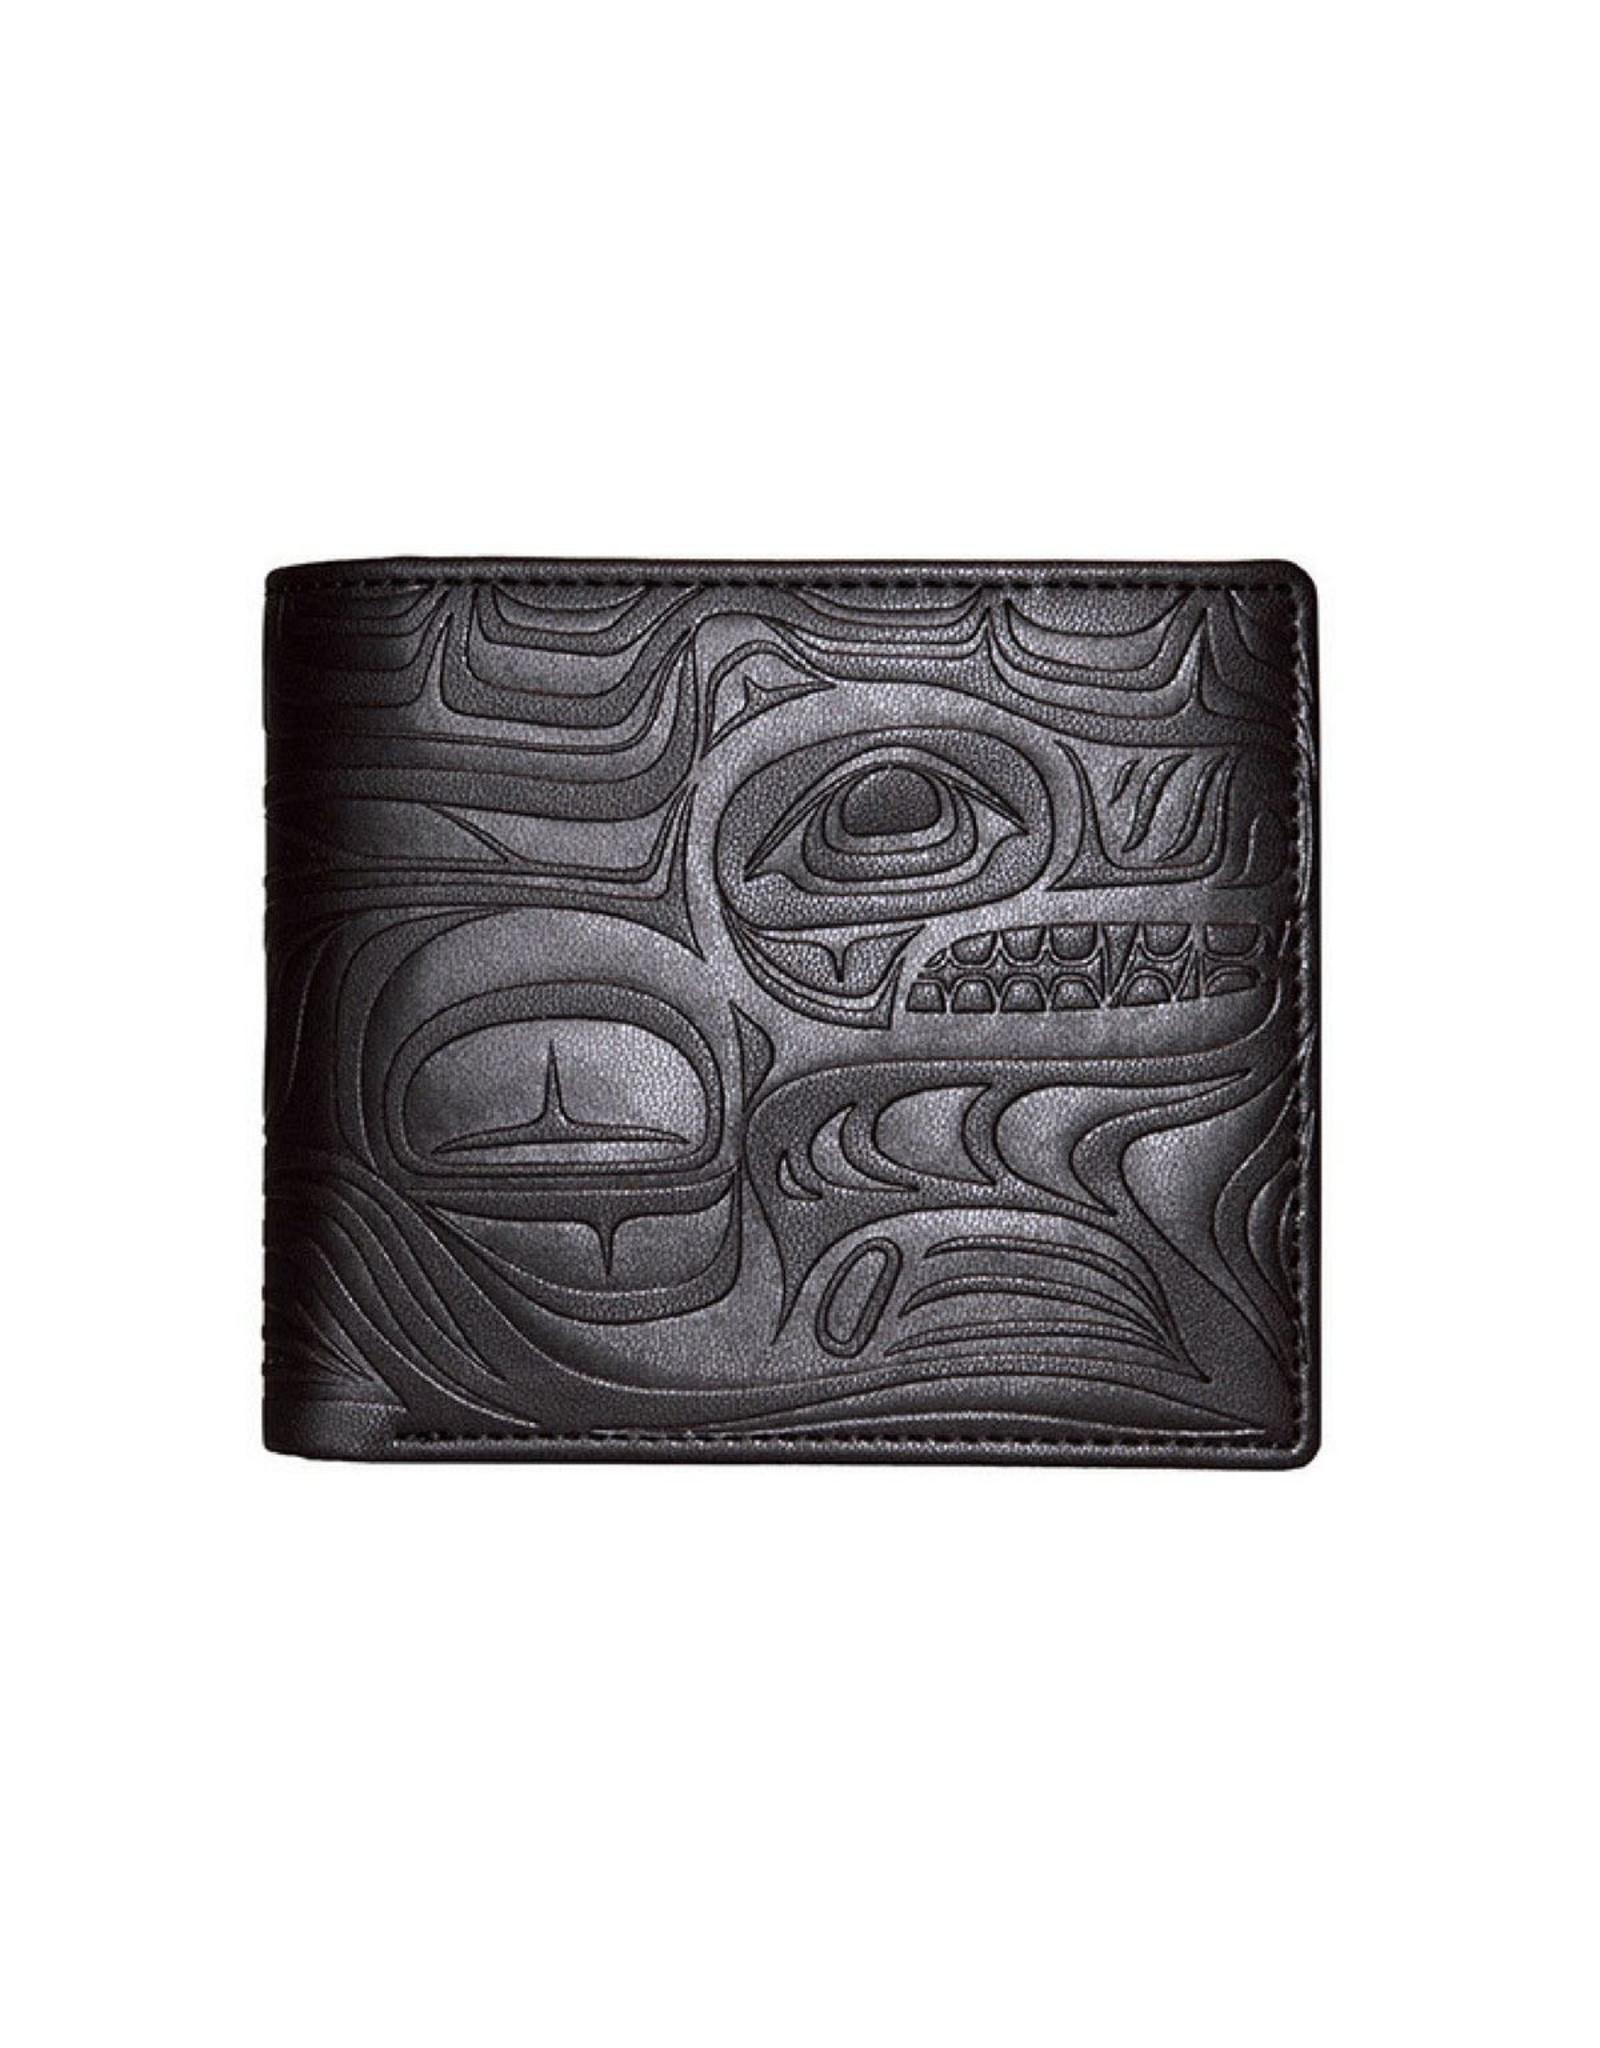 Embossed Wallet by Paul Windsor Black - Spirit Wolf - EFW2